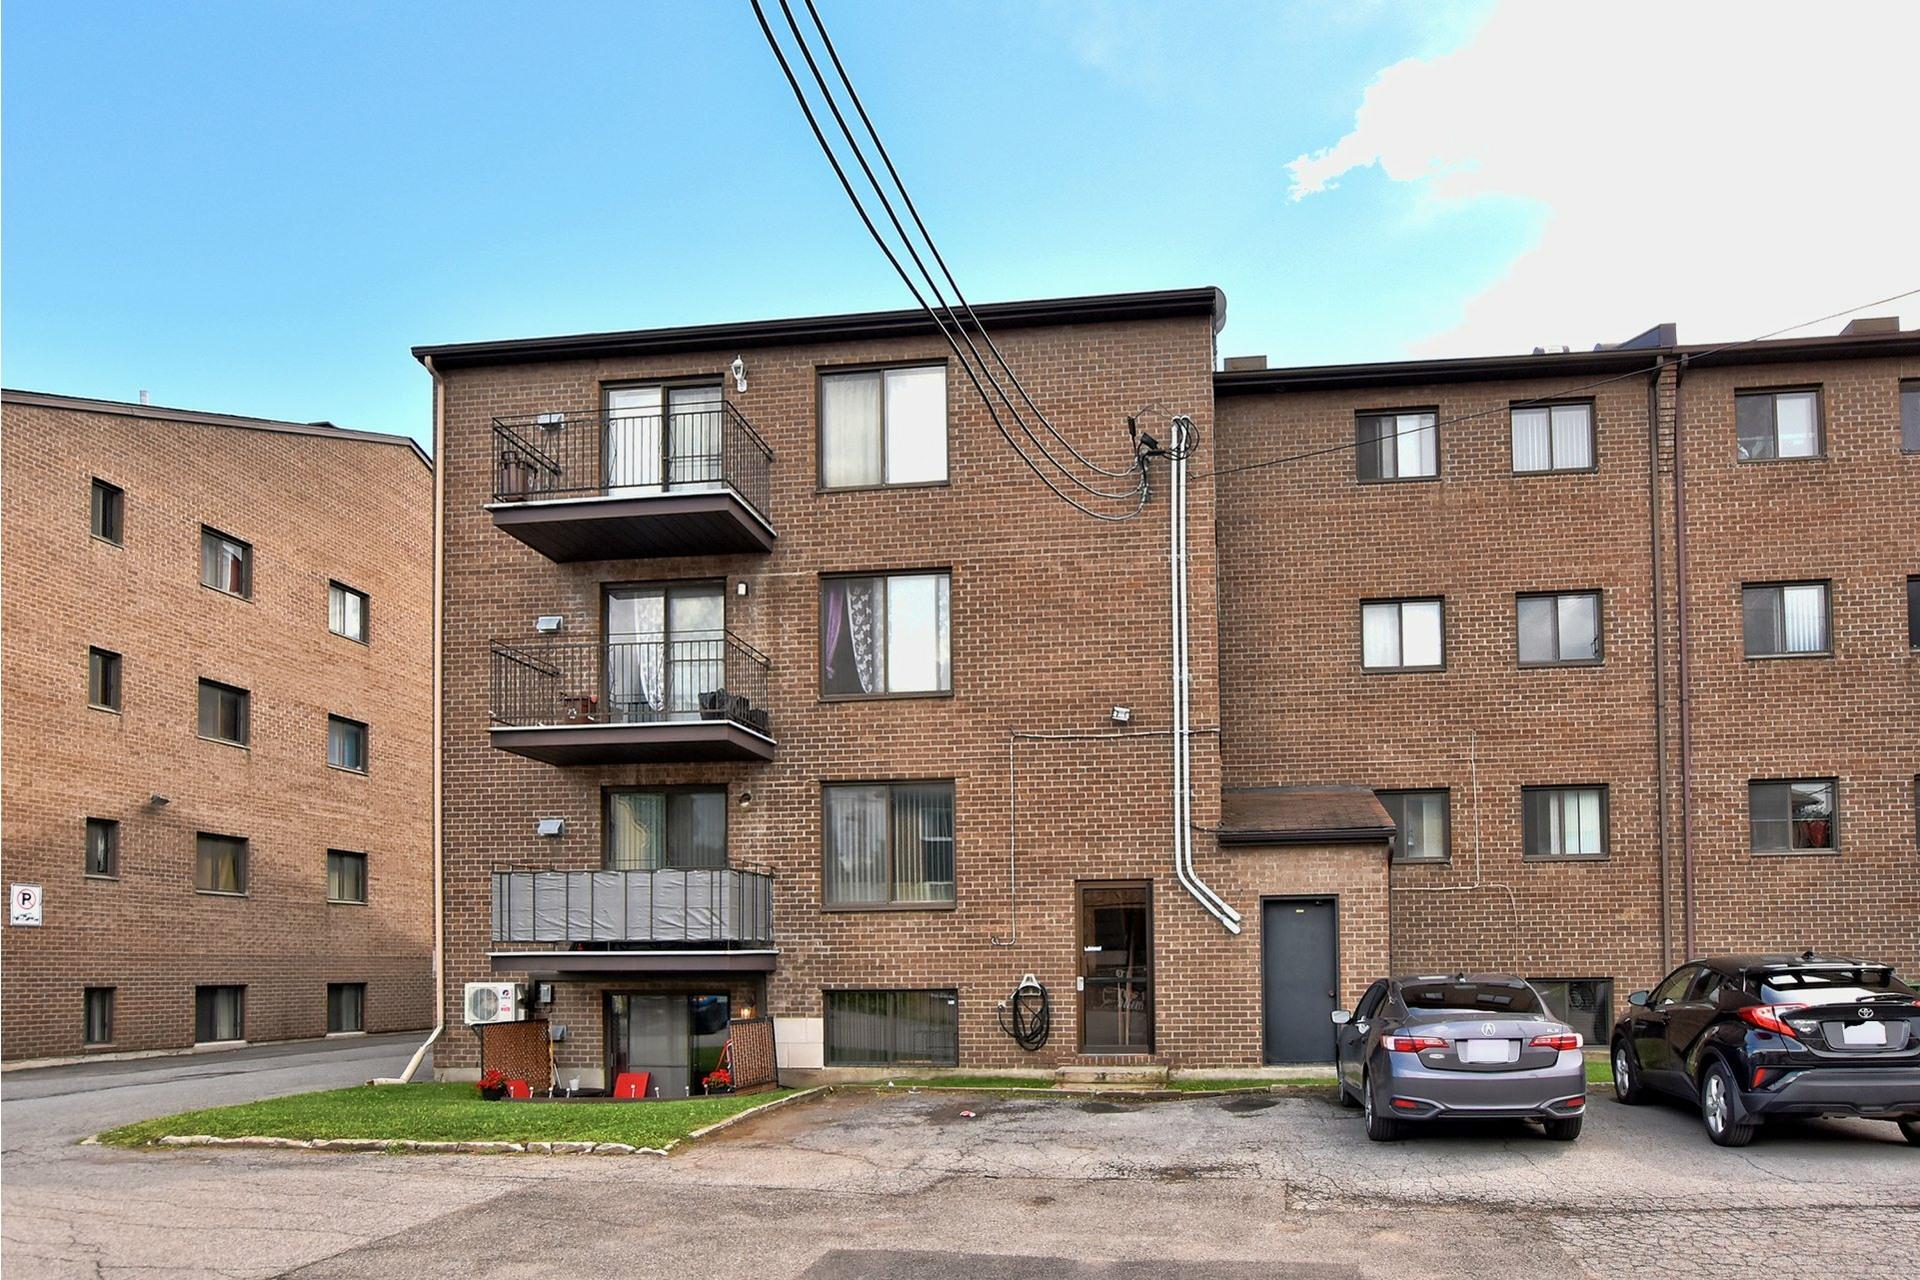 image 20 - Appartement À vendre Rivière-des-Prairies/Pointe-aux-Trembles Montréal  - 6 pièces